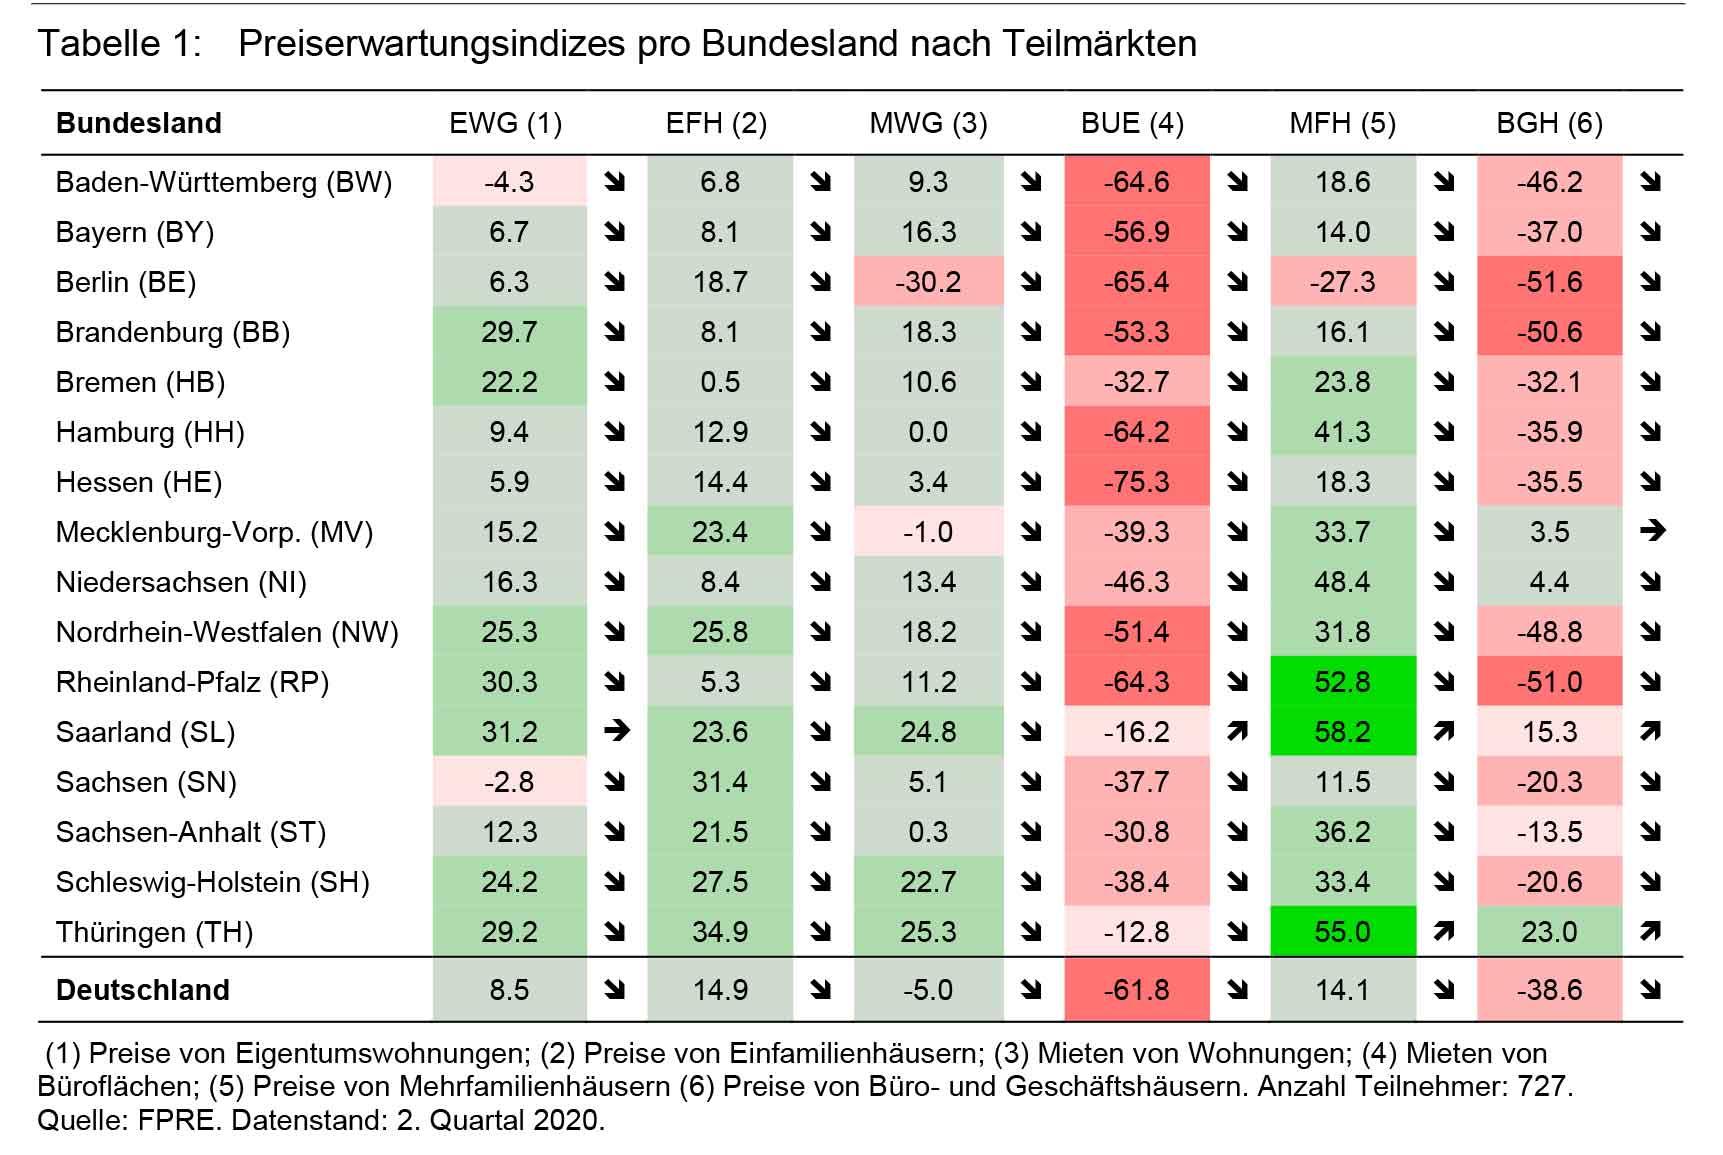 das immo büro | Bester Makler Lübeck Immobilienumfrage Deutschland